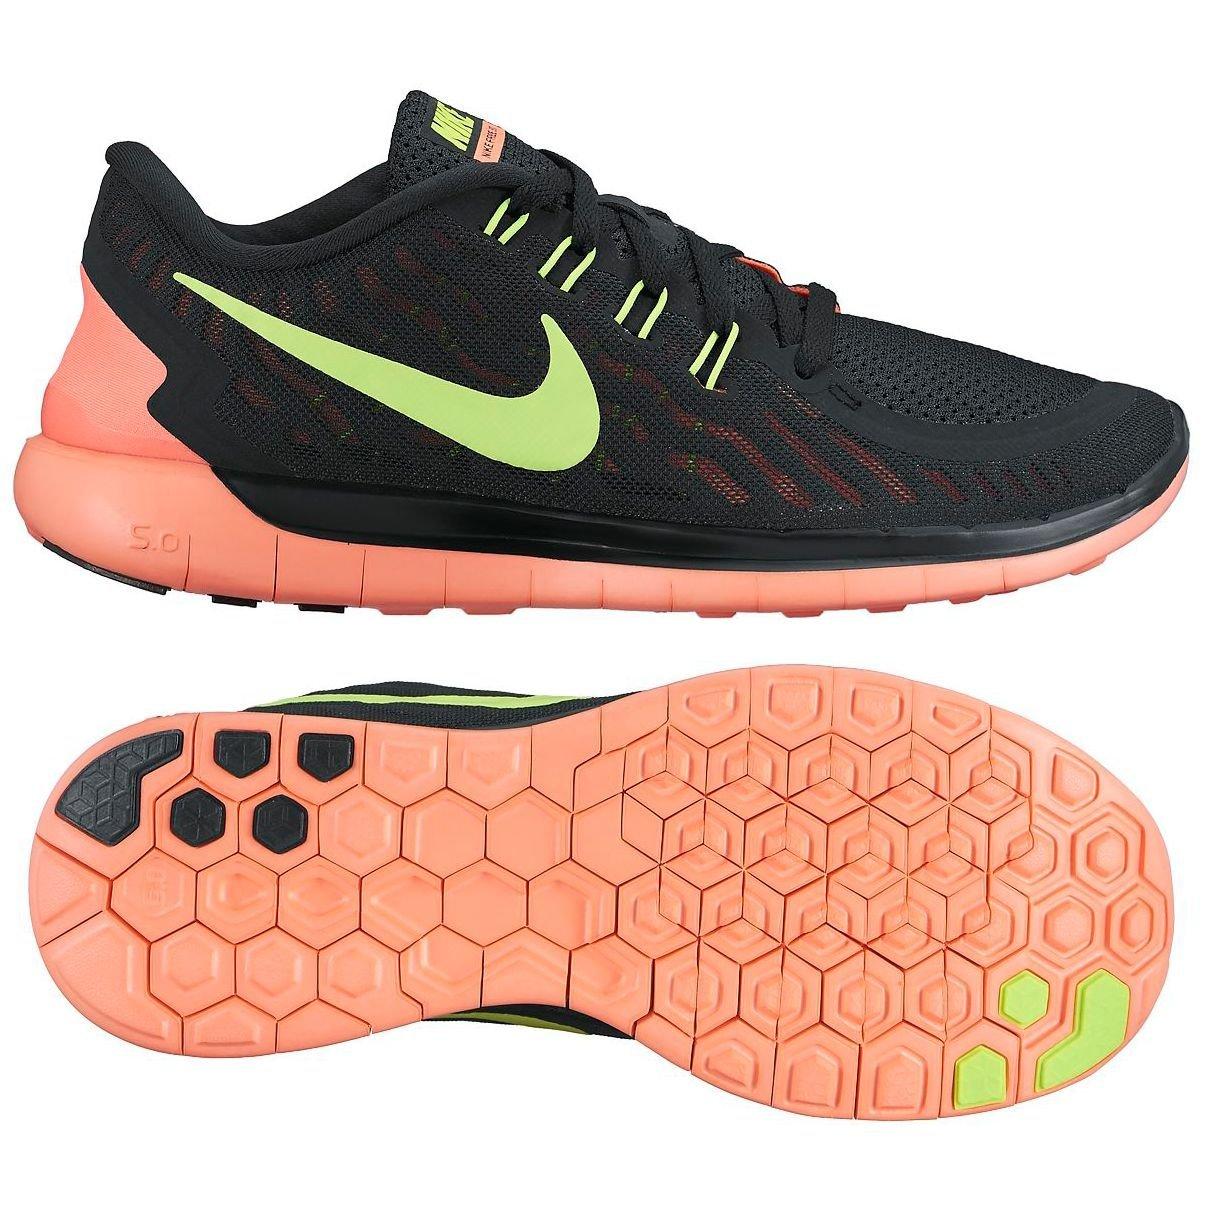 71571d4dbe938 Amazon.com | Nike Womens Free 5.0 Running Shoes (11 B(M) US, Black ...